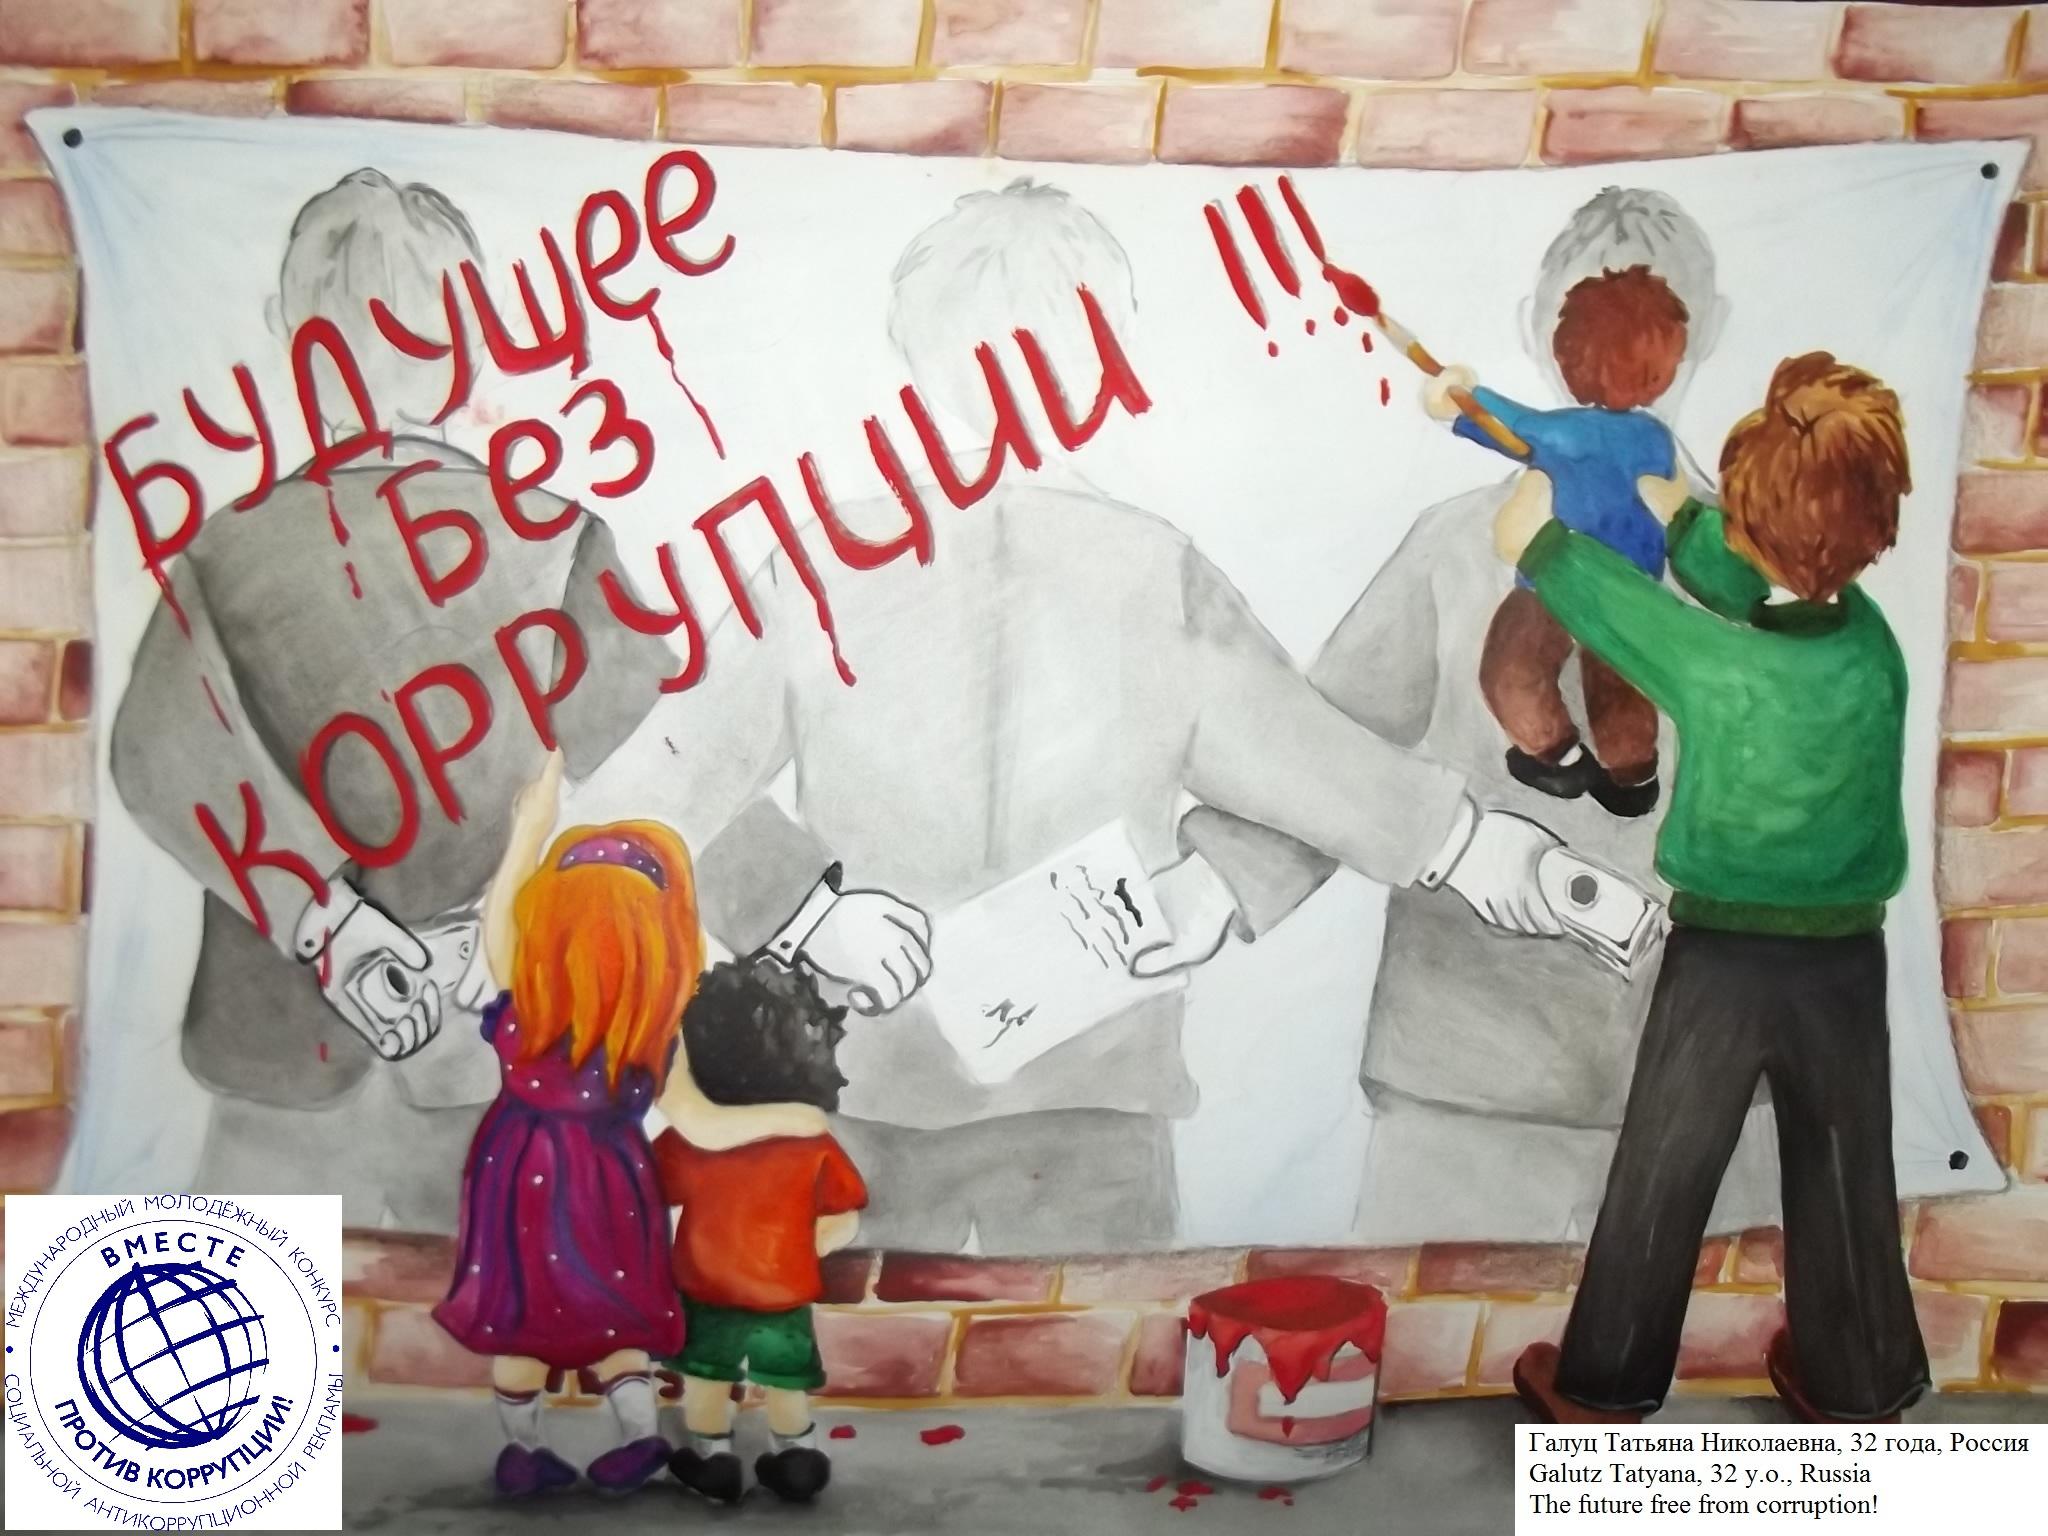 Международный_молодежный_конкурс_социальной_антикоррупционной_рекламы_Вместе_против_коррупции!